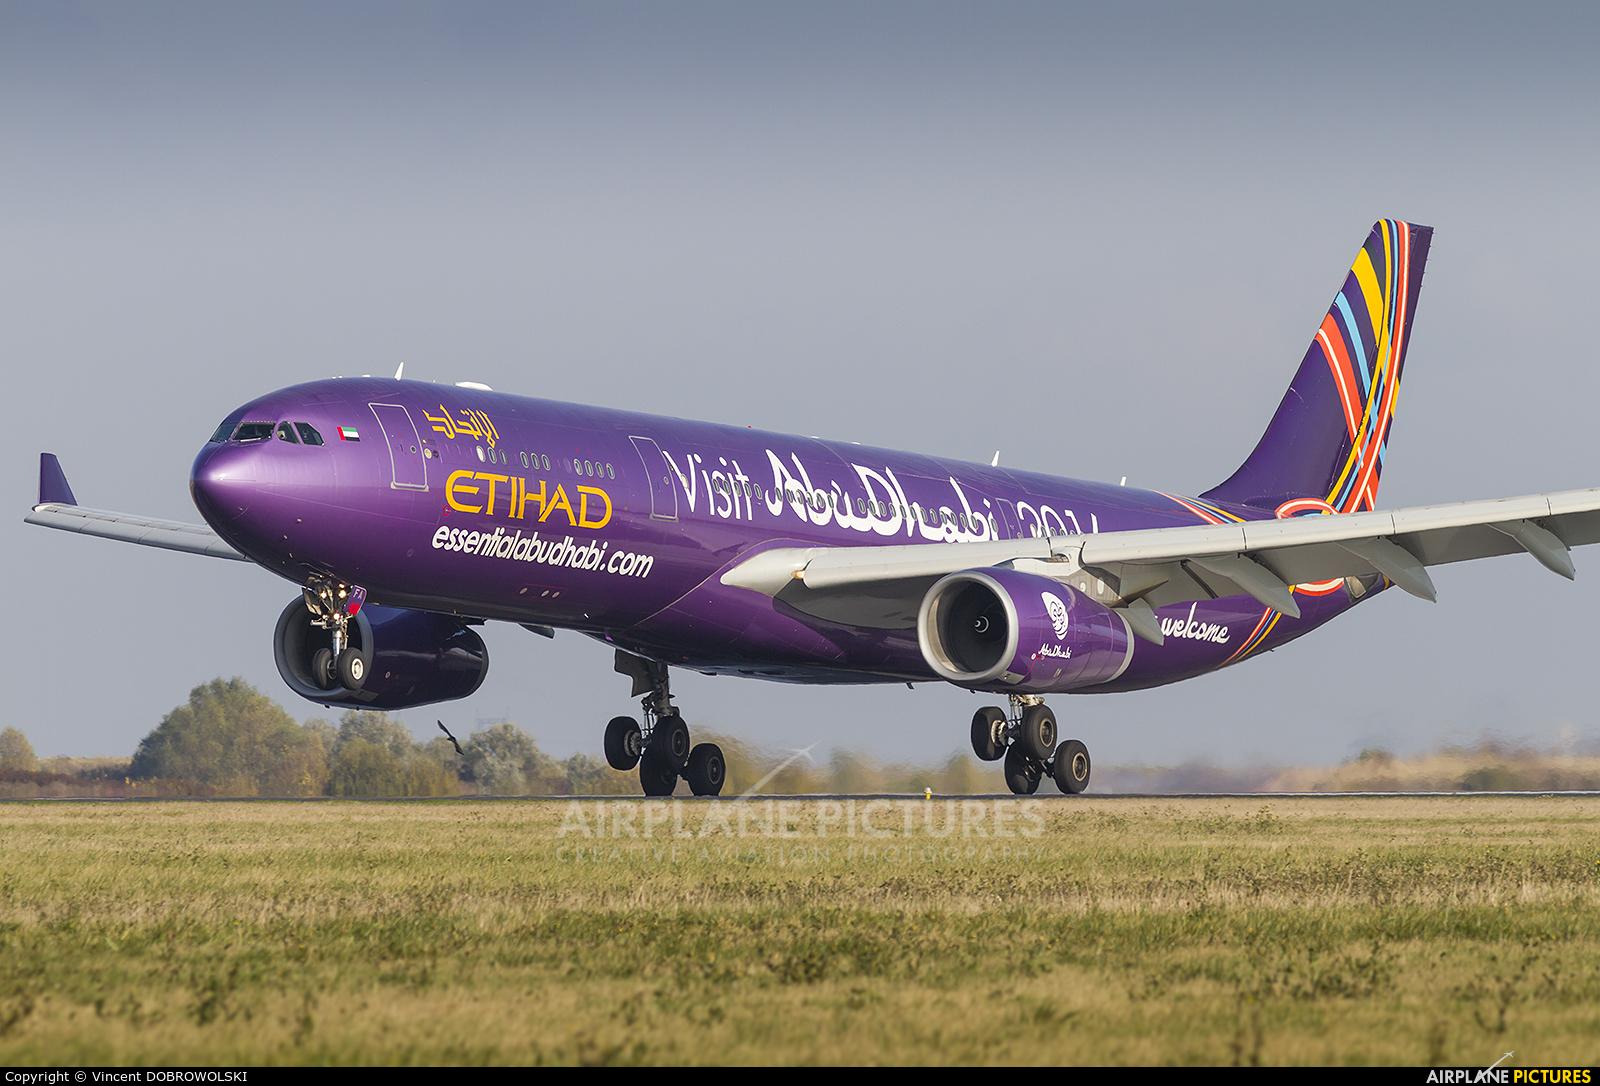 Etihad Airways A6-AFA aircraft at Paris - Charles de Gaulle